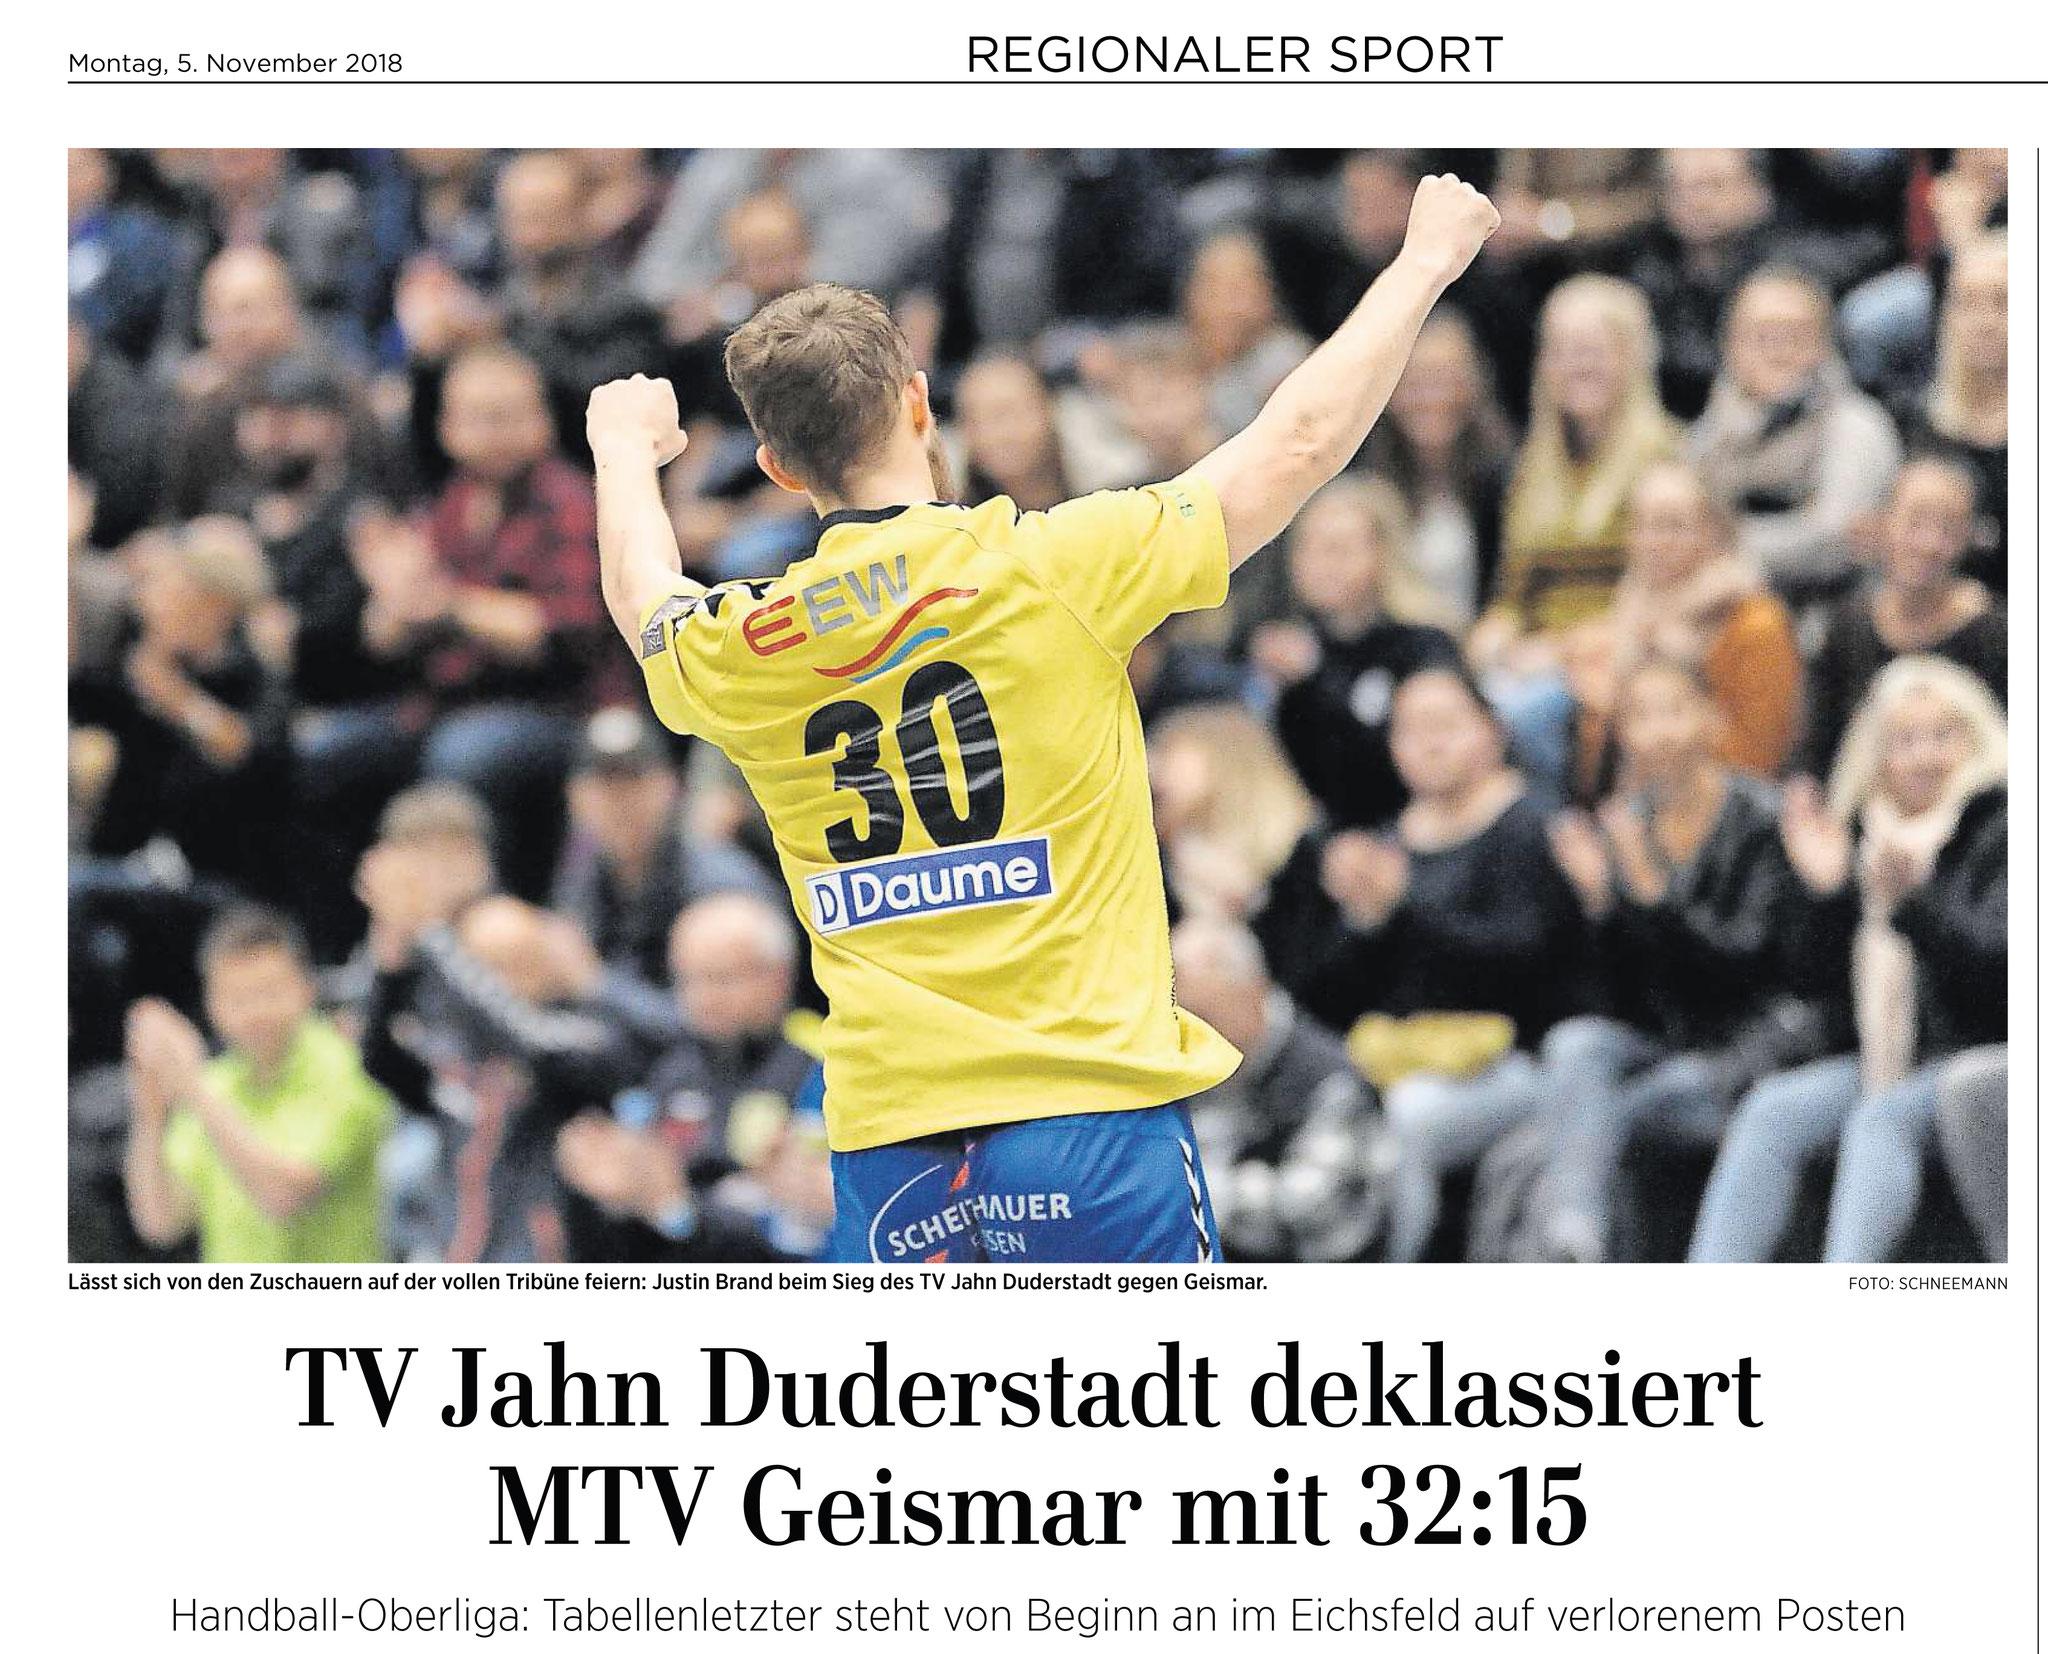 05.11.2018 Göttinger Tageblatt. Handball Verbandsliga. Derby TV Jahn Duderstadt vs MTV Geimsar 32:15